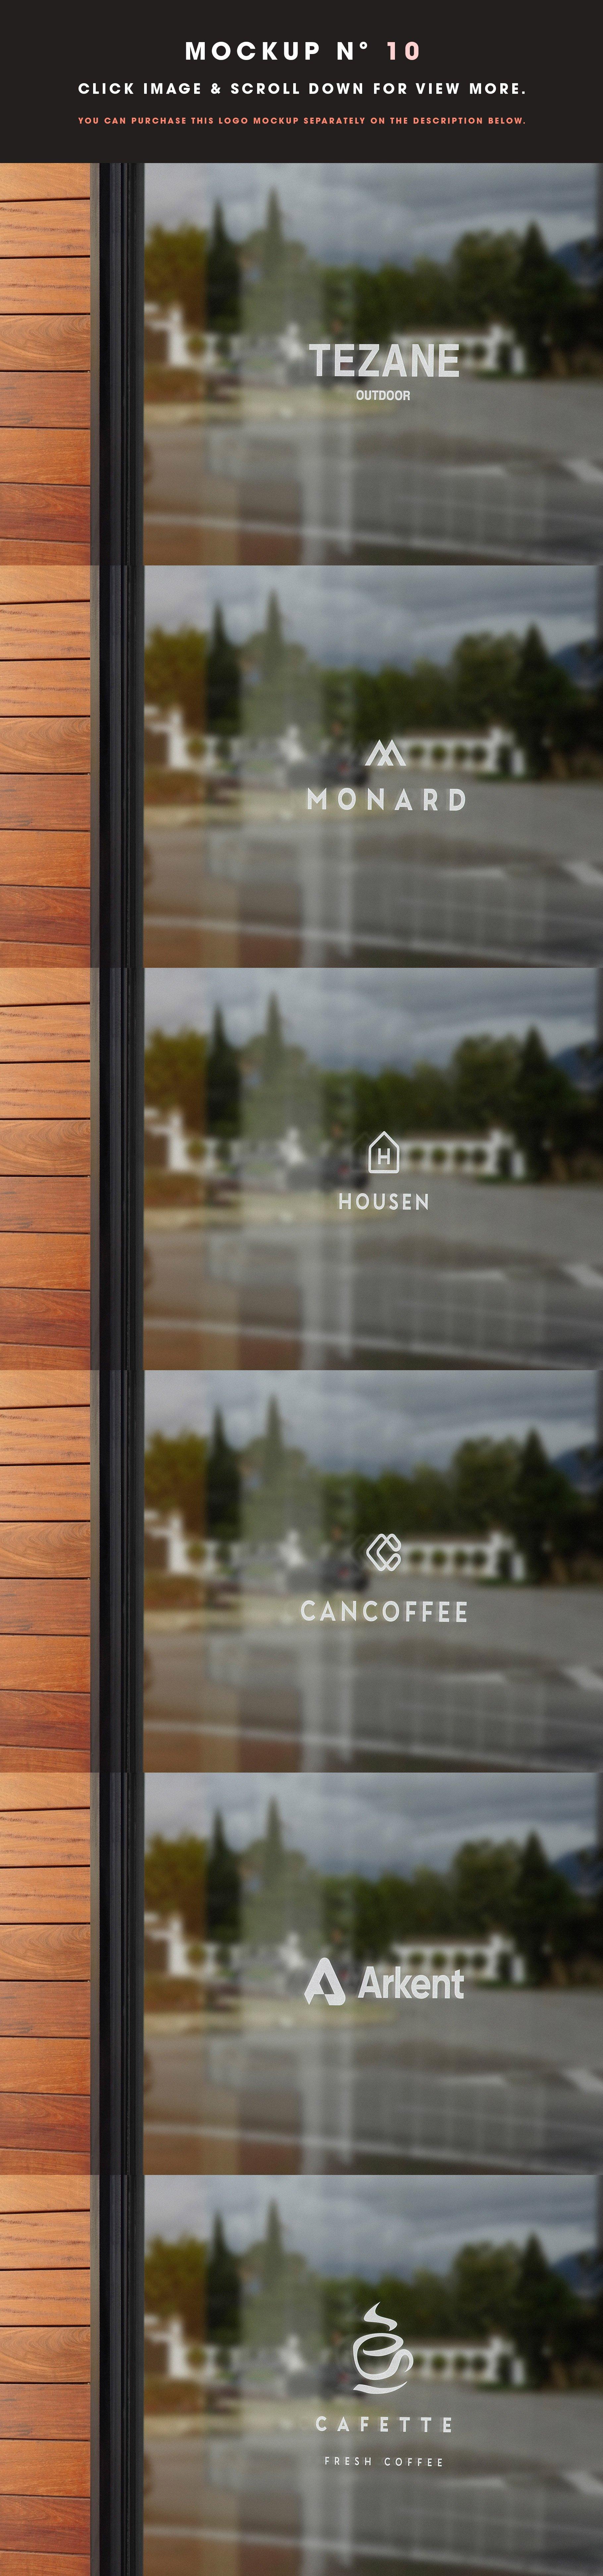 [单独购买] 25款街头门店玻璃窗户徽标标牌Logo设计展示样机模板合集 25 Window Signs Logo Mockups – V2插图12